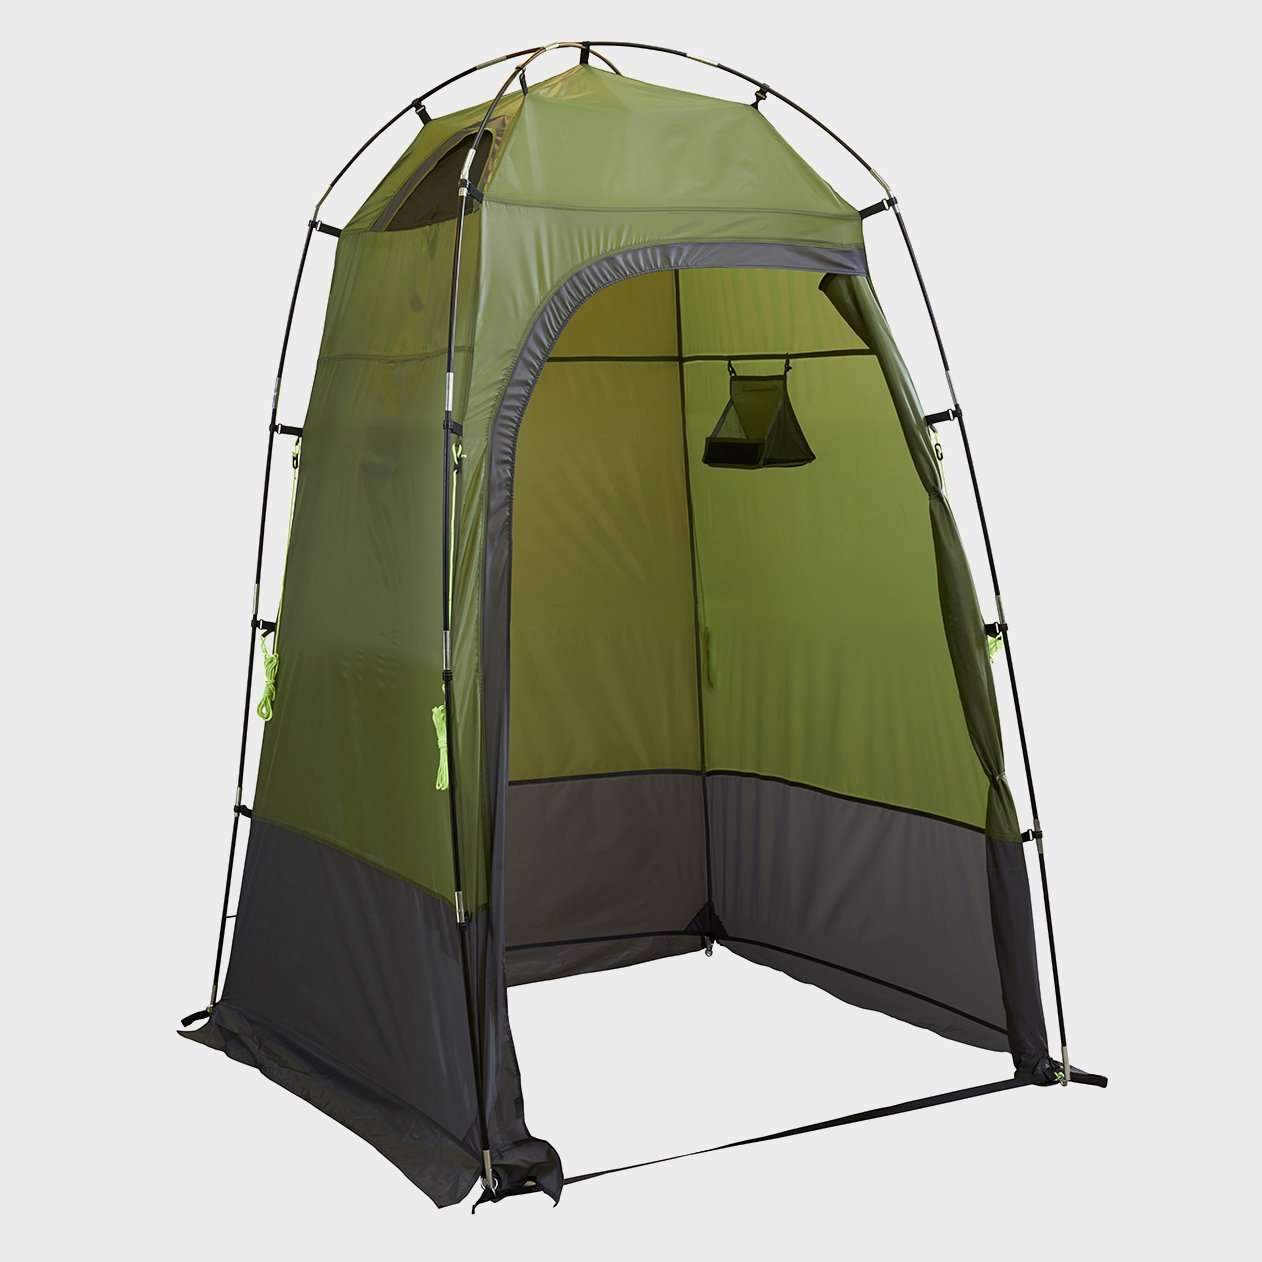 EUROHIKE Annexe Tent